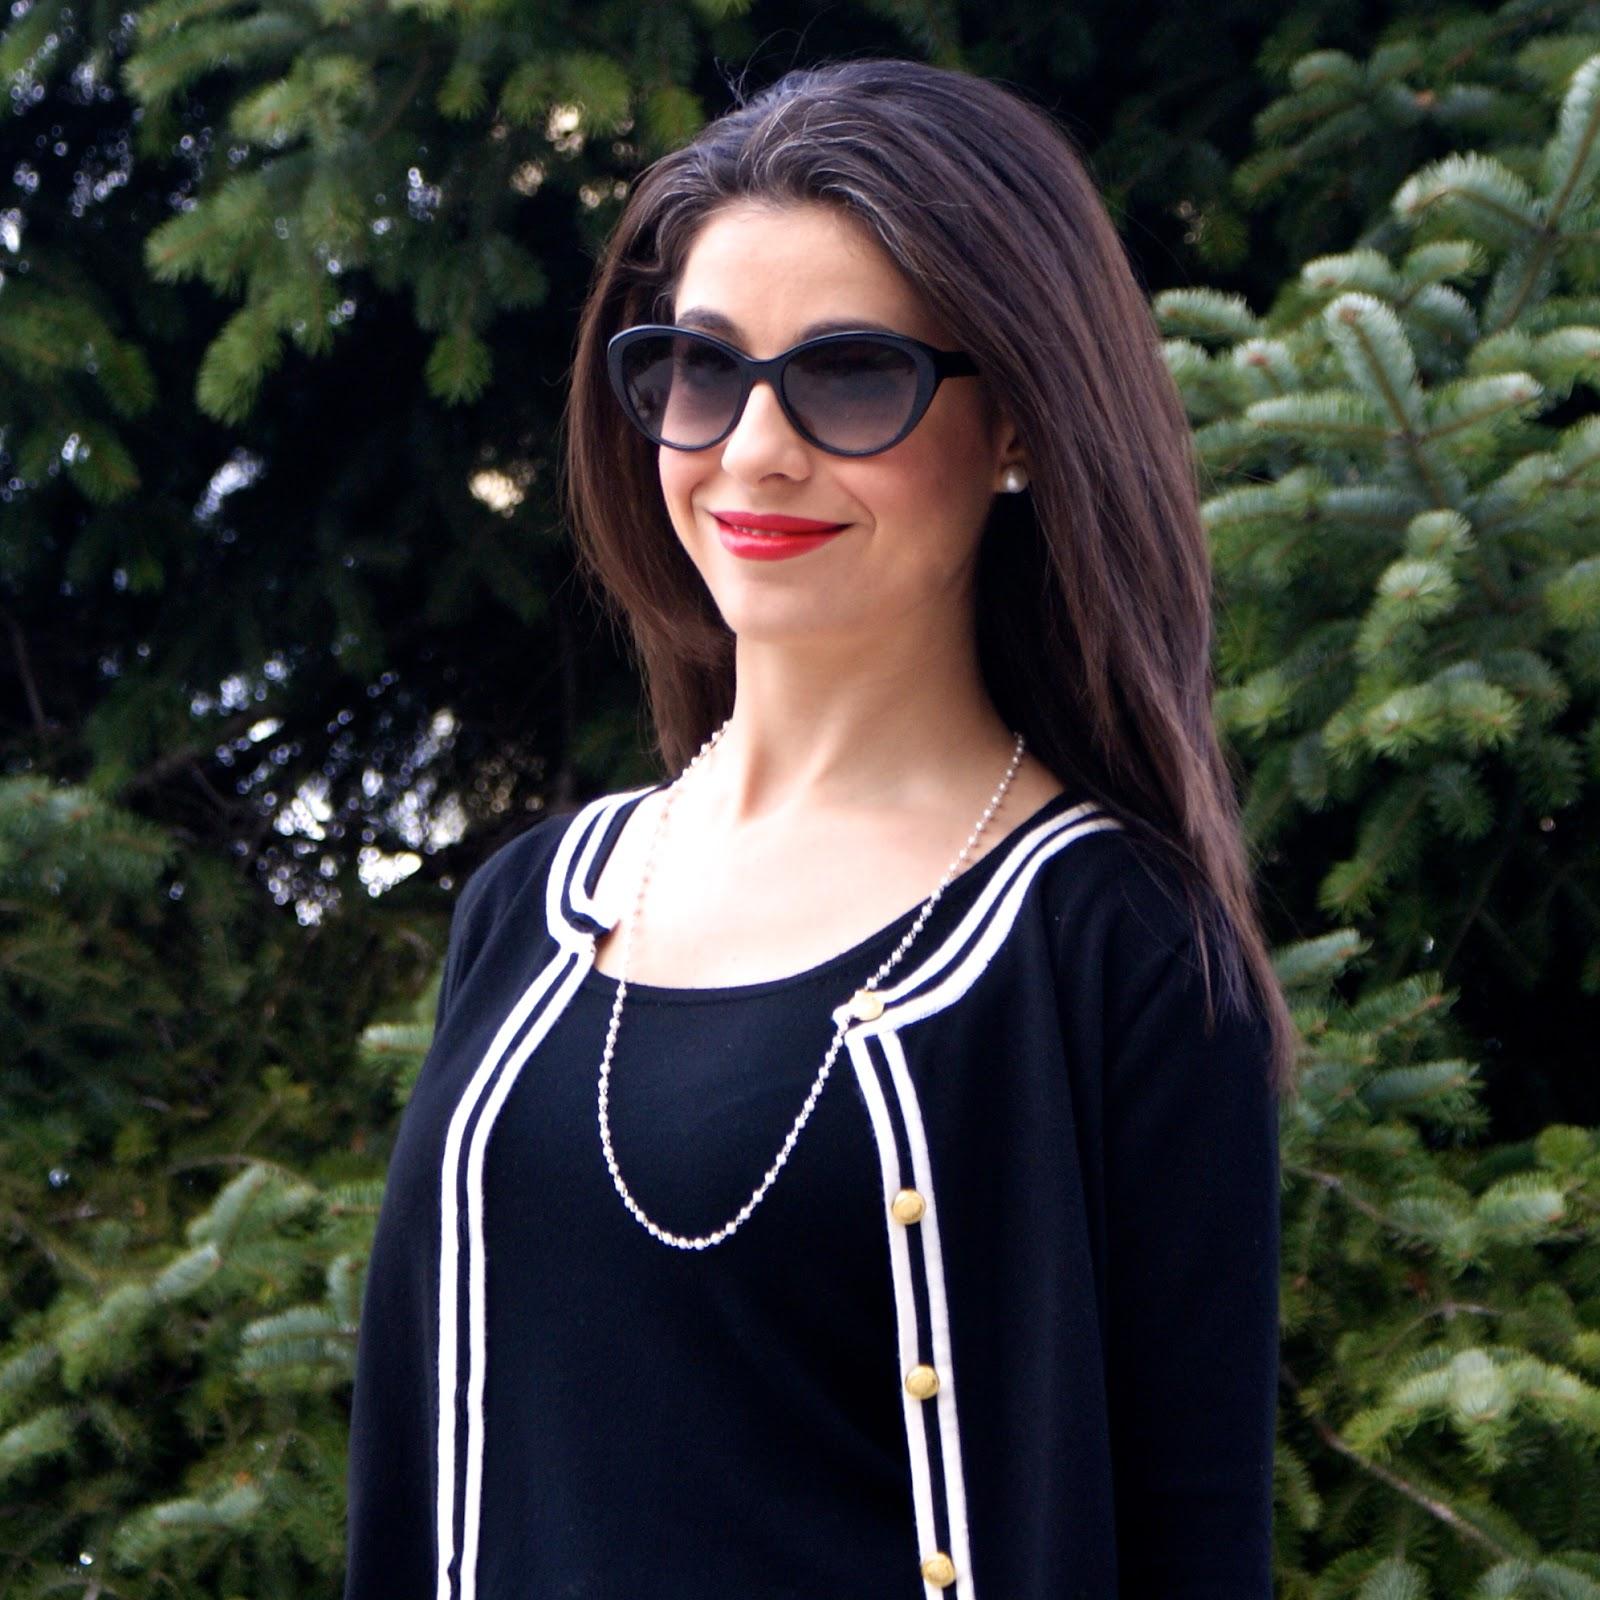 chaqueta inspiración Chanel